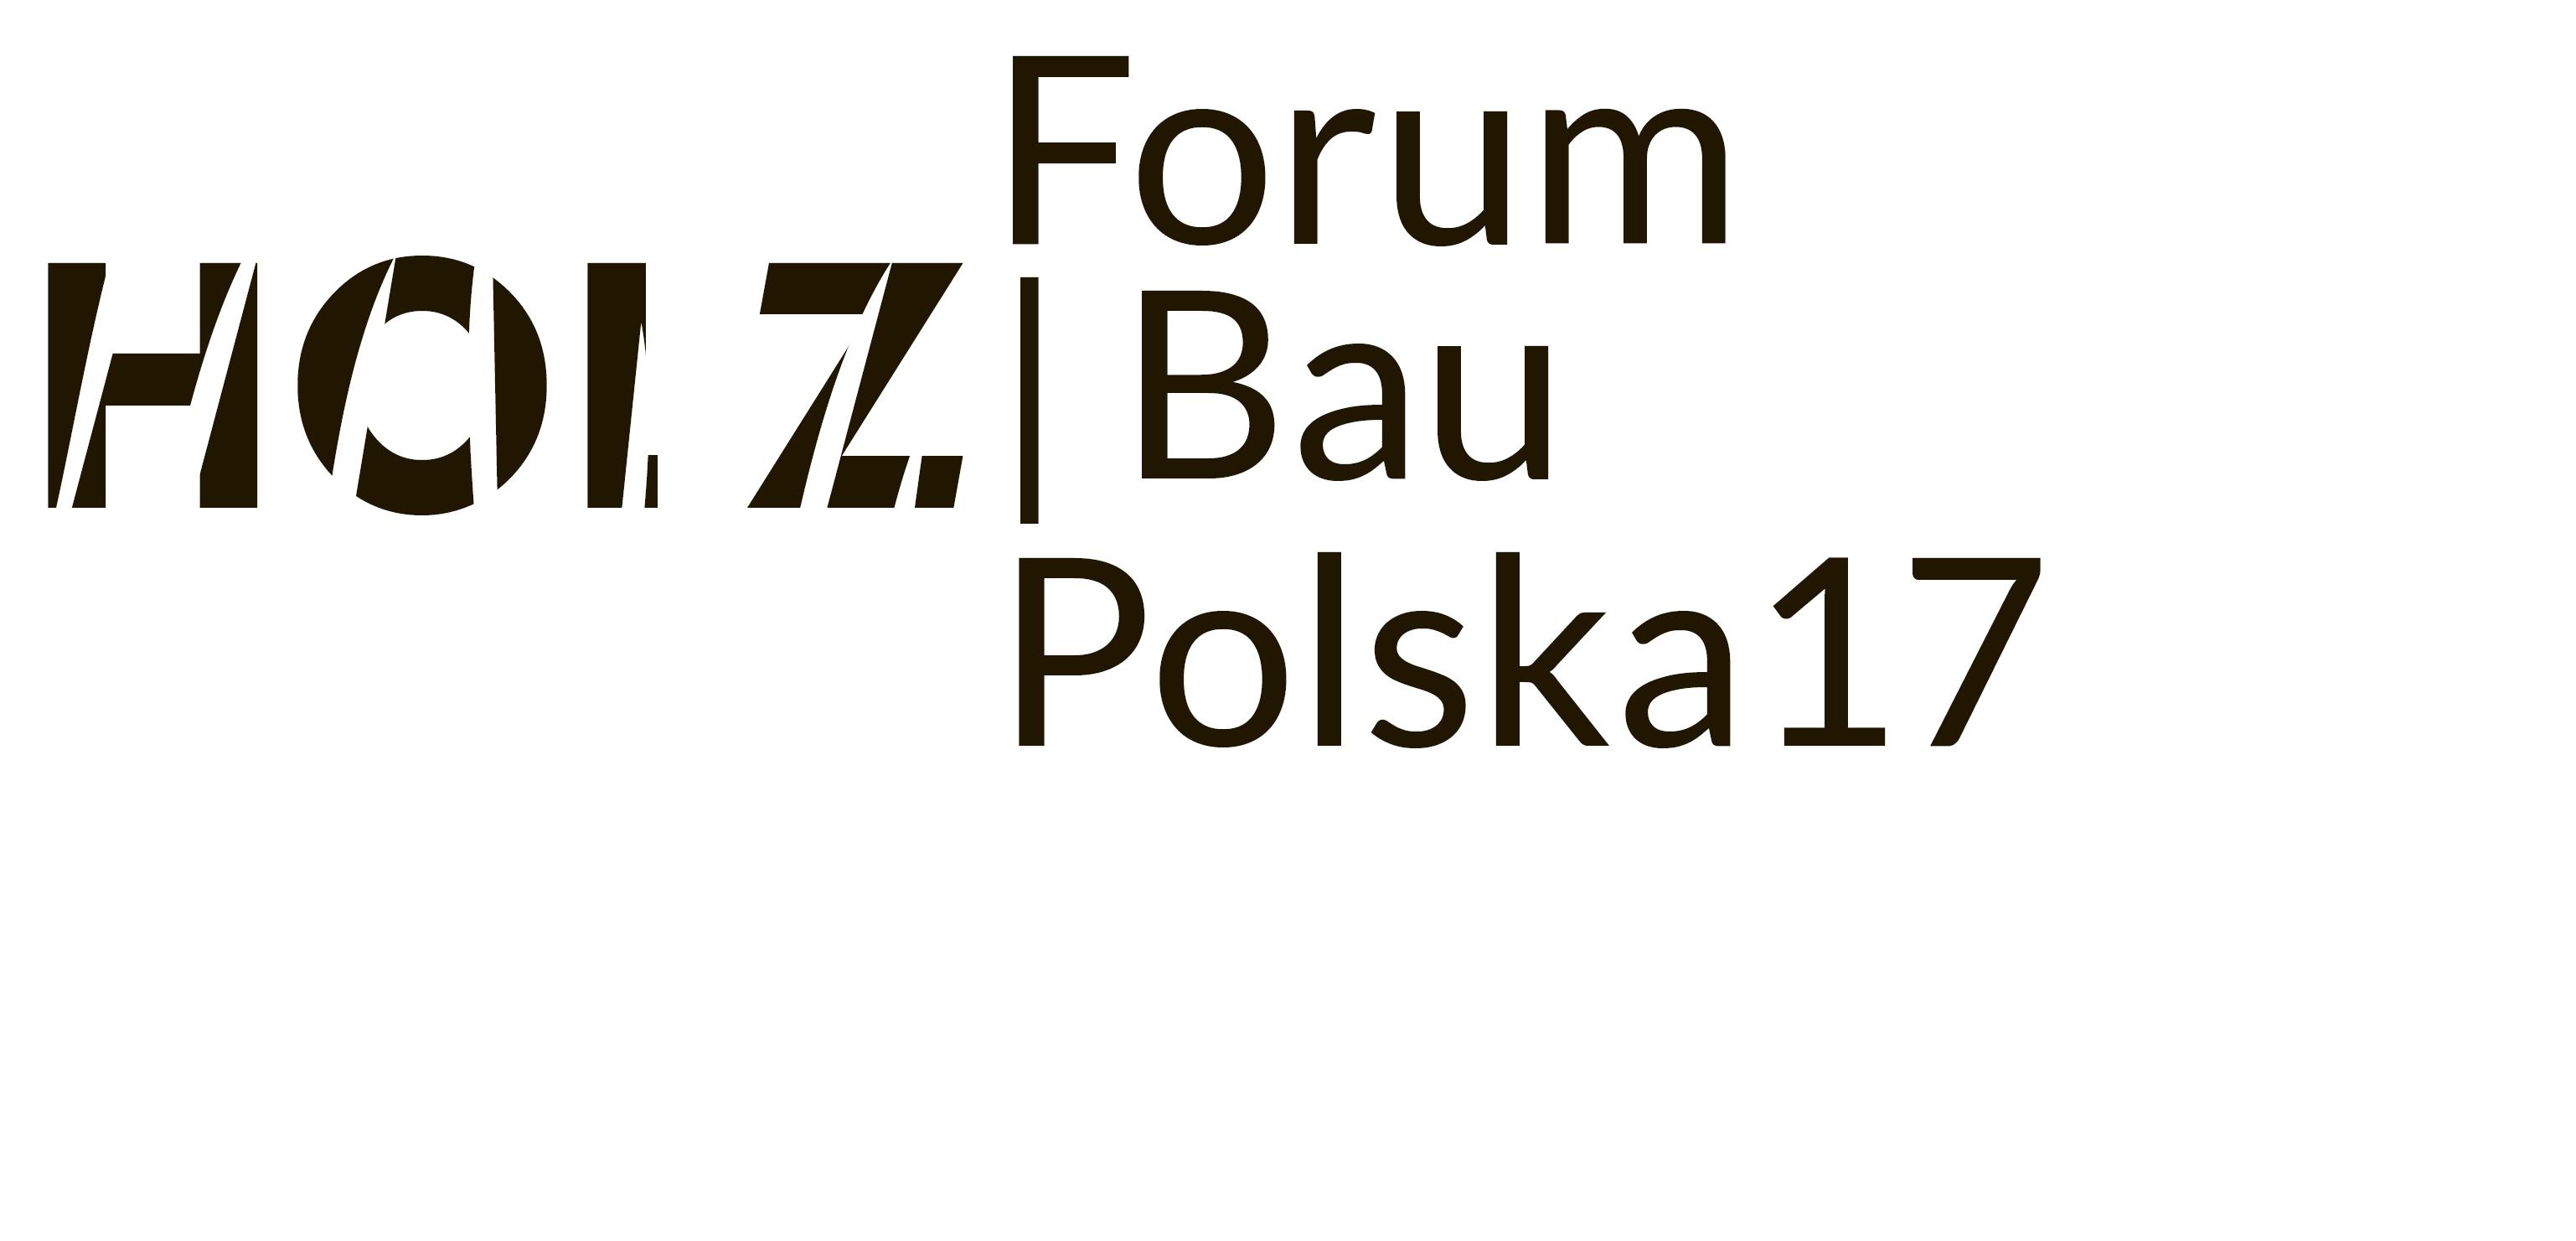 Forum Holzbau GaPa 2016